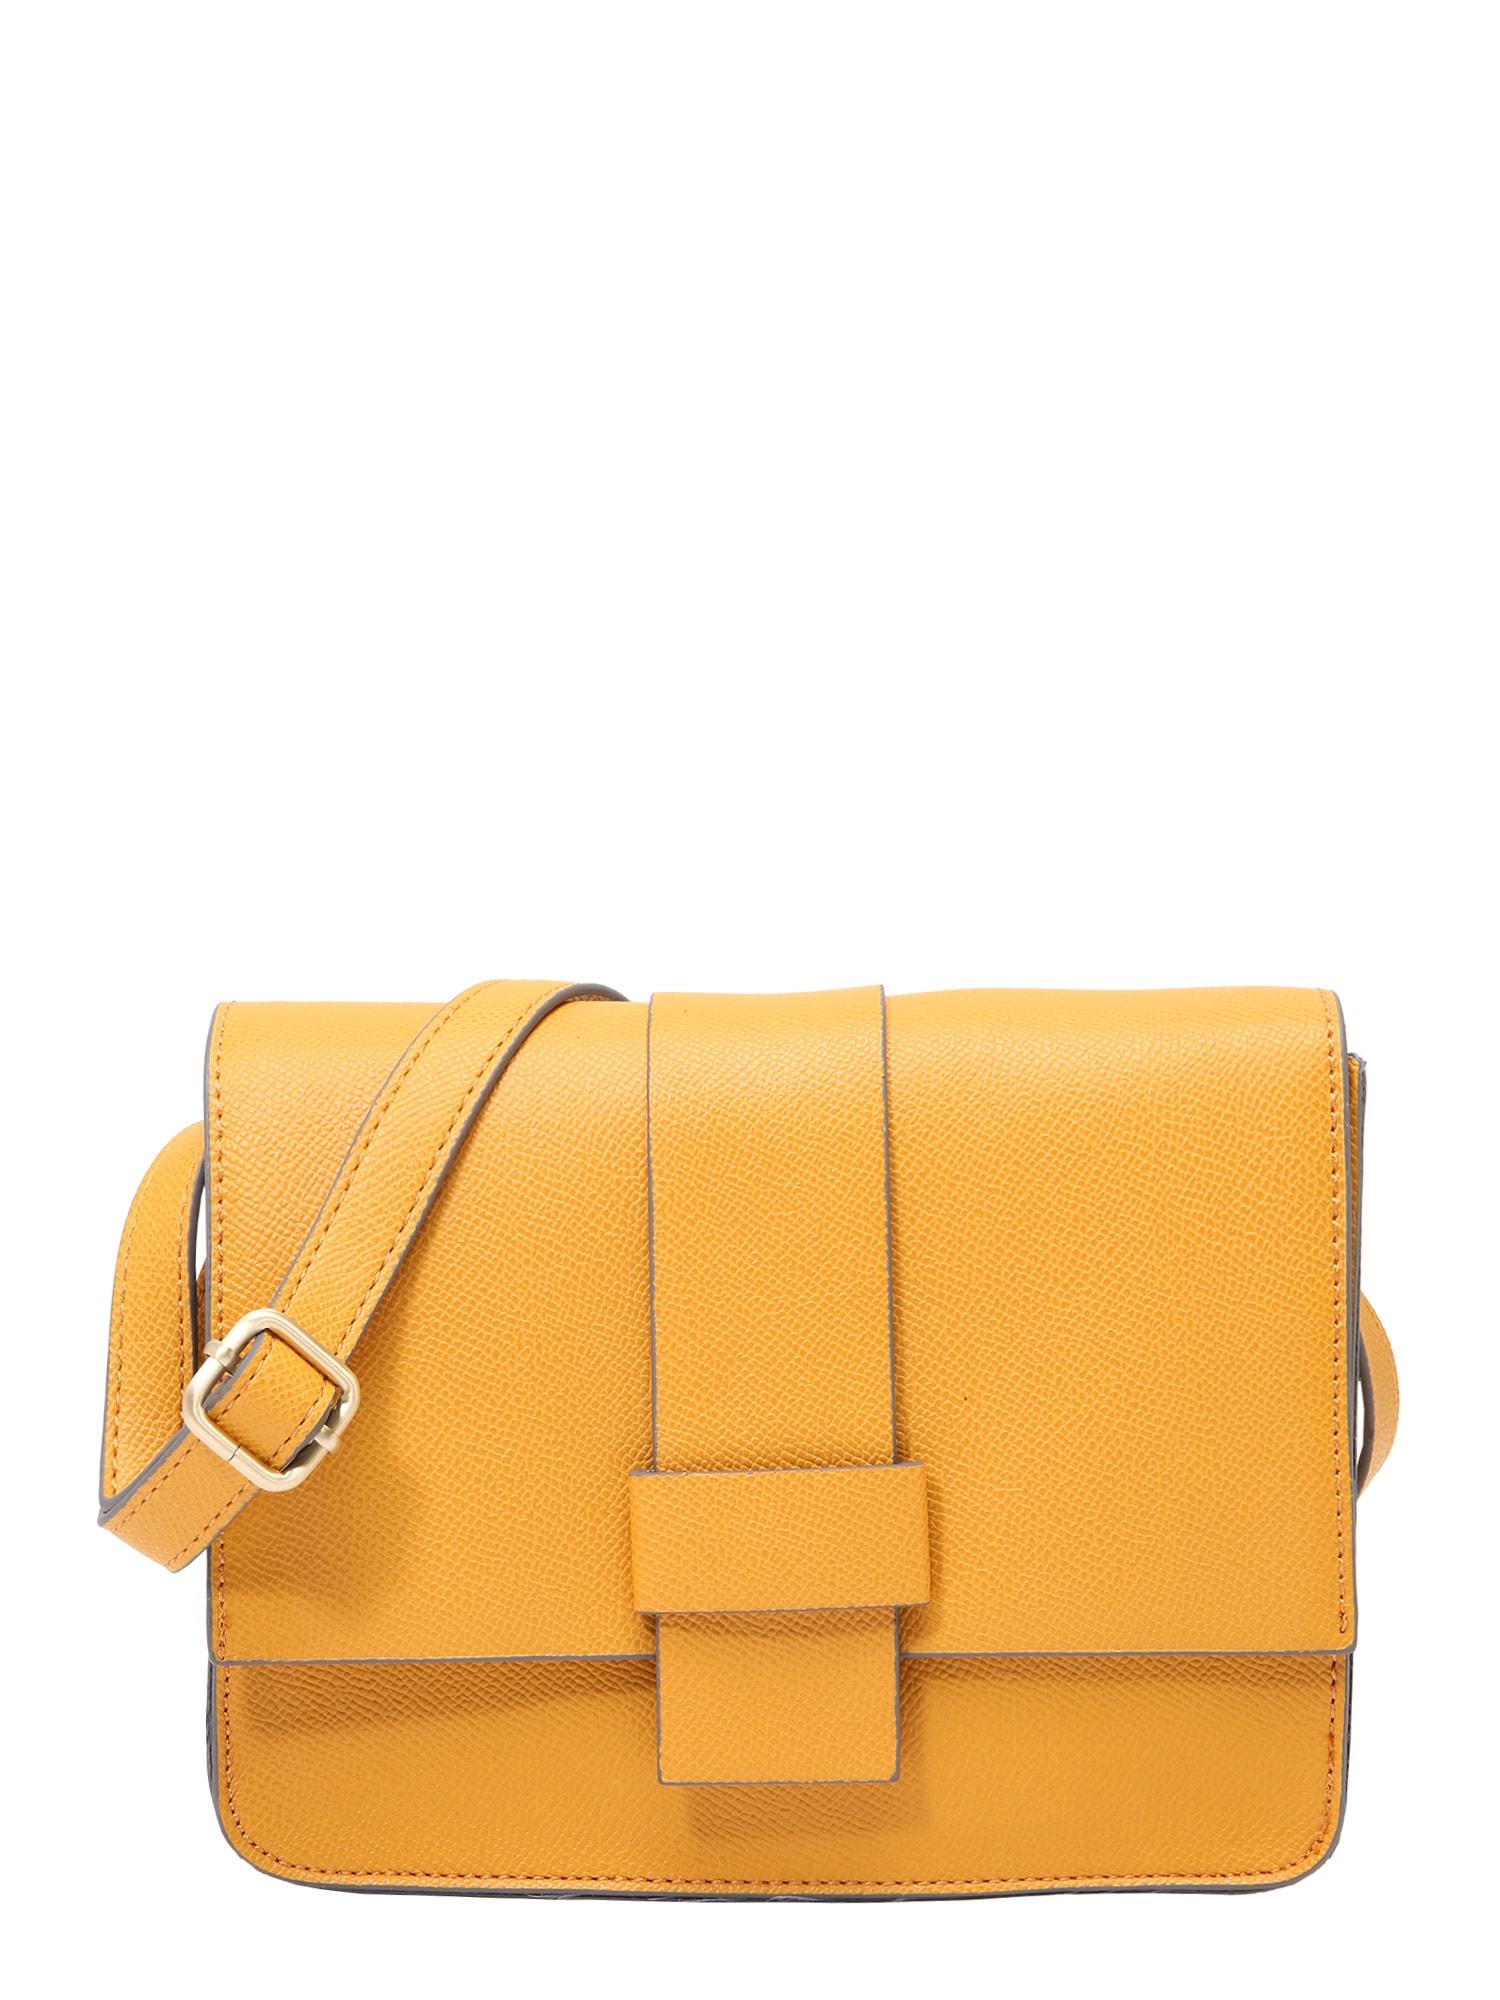 Taška přes rameno BE YOURSELF žlutá COMMA